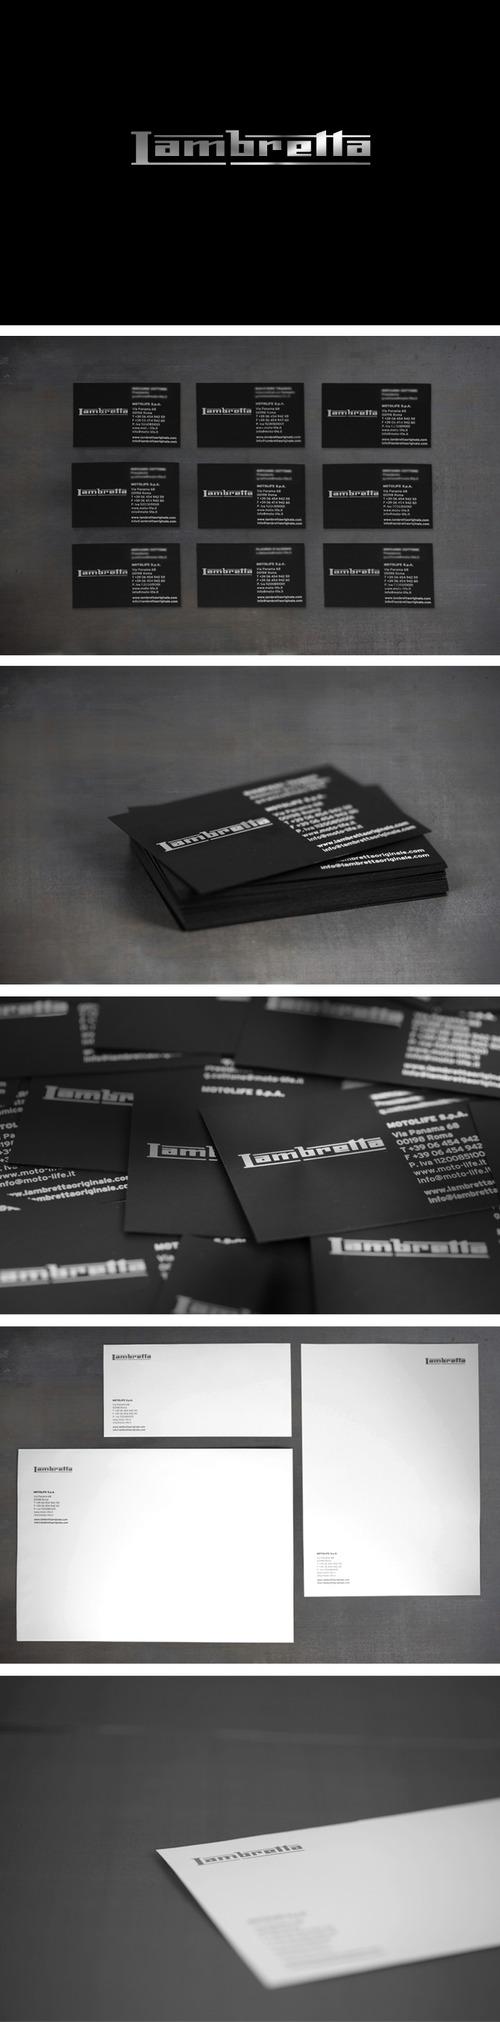 Lambretta_immaginecoordinata